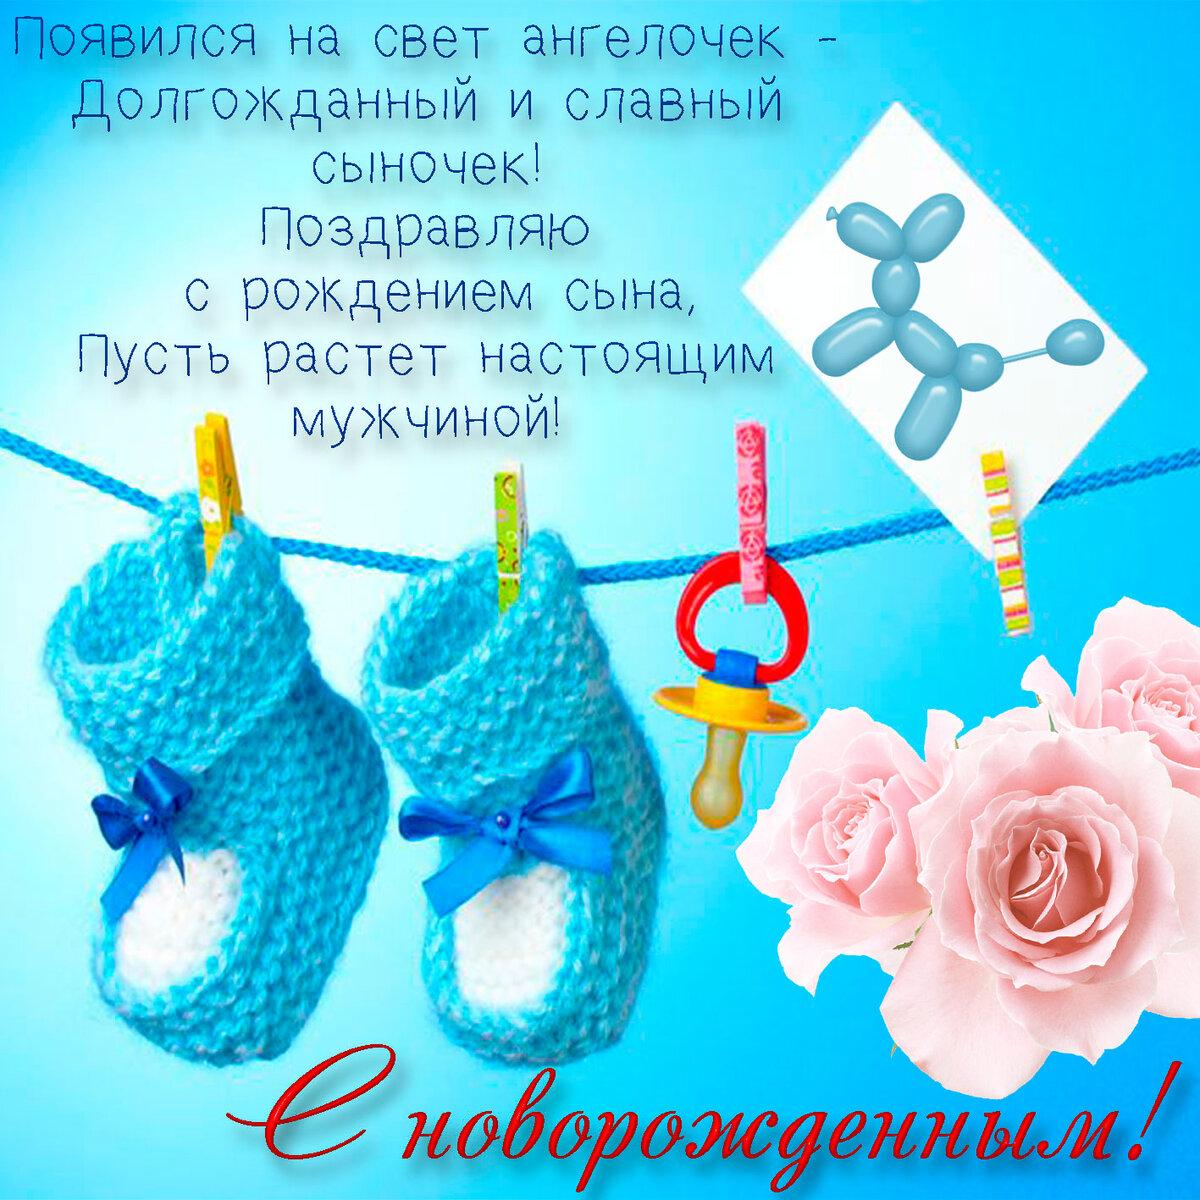 Открытки, блестящие открытки с рождением сына